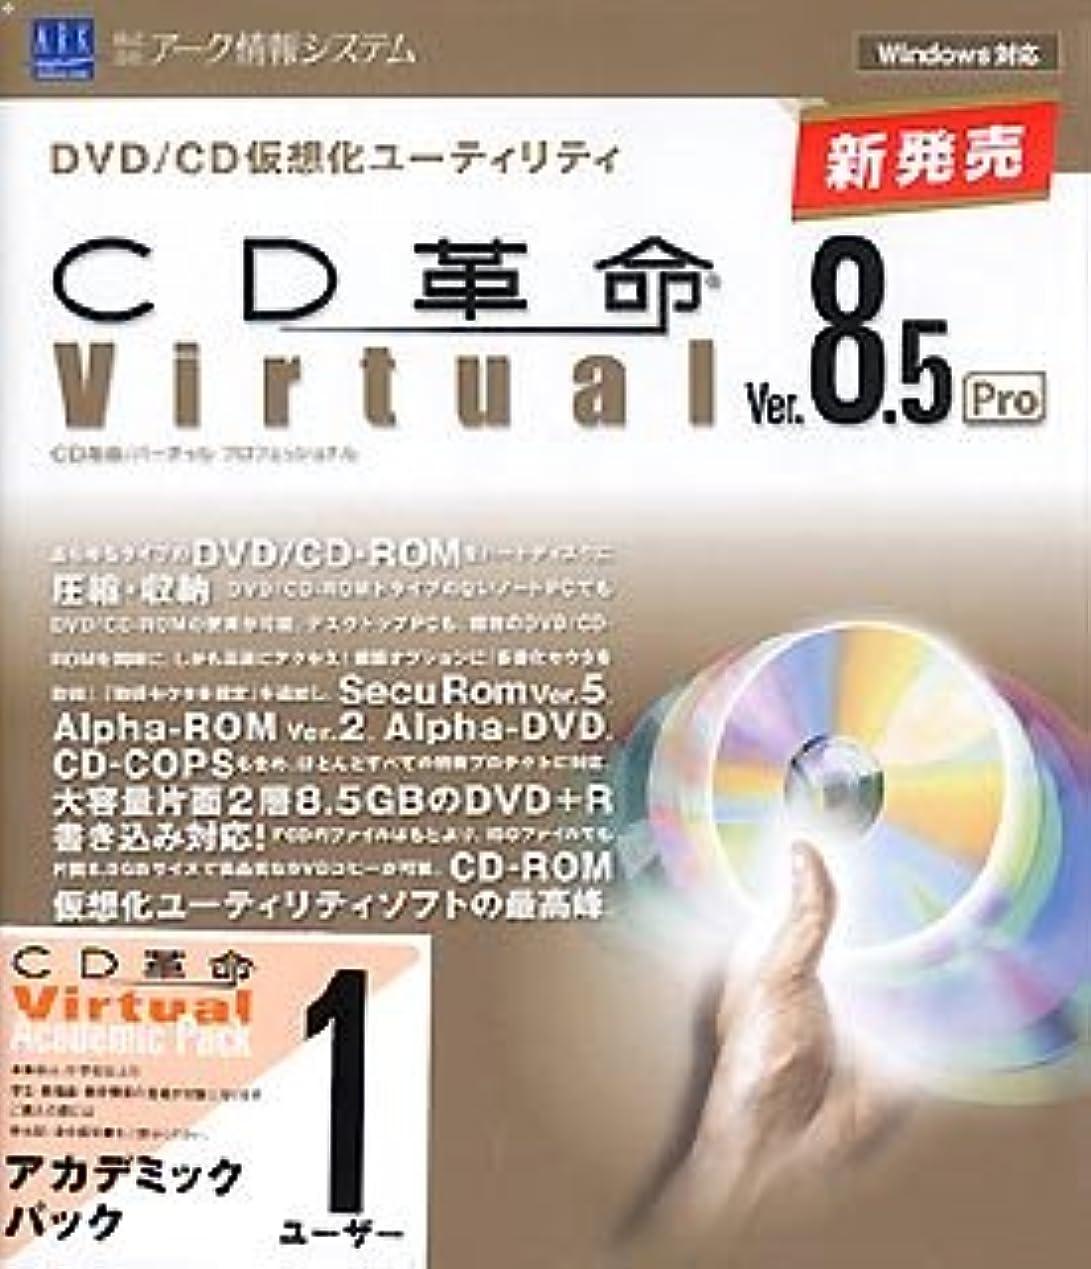 CD革命 Virtual Ver.8.5 Pro アカデミックパック 1ユーザー